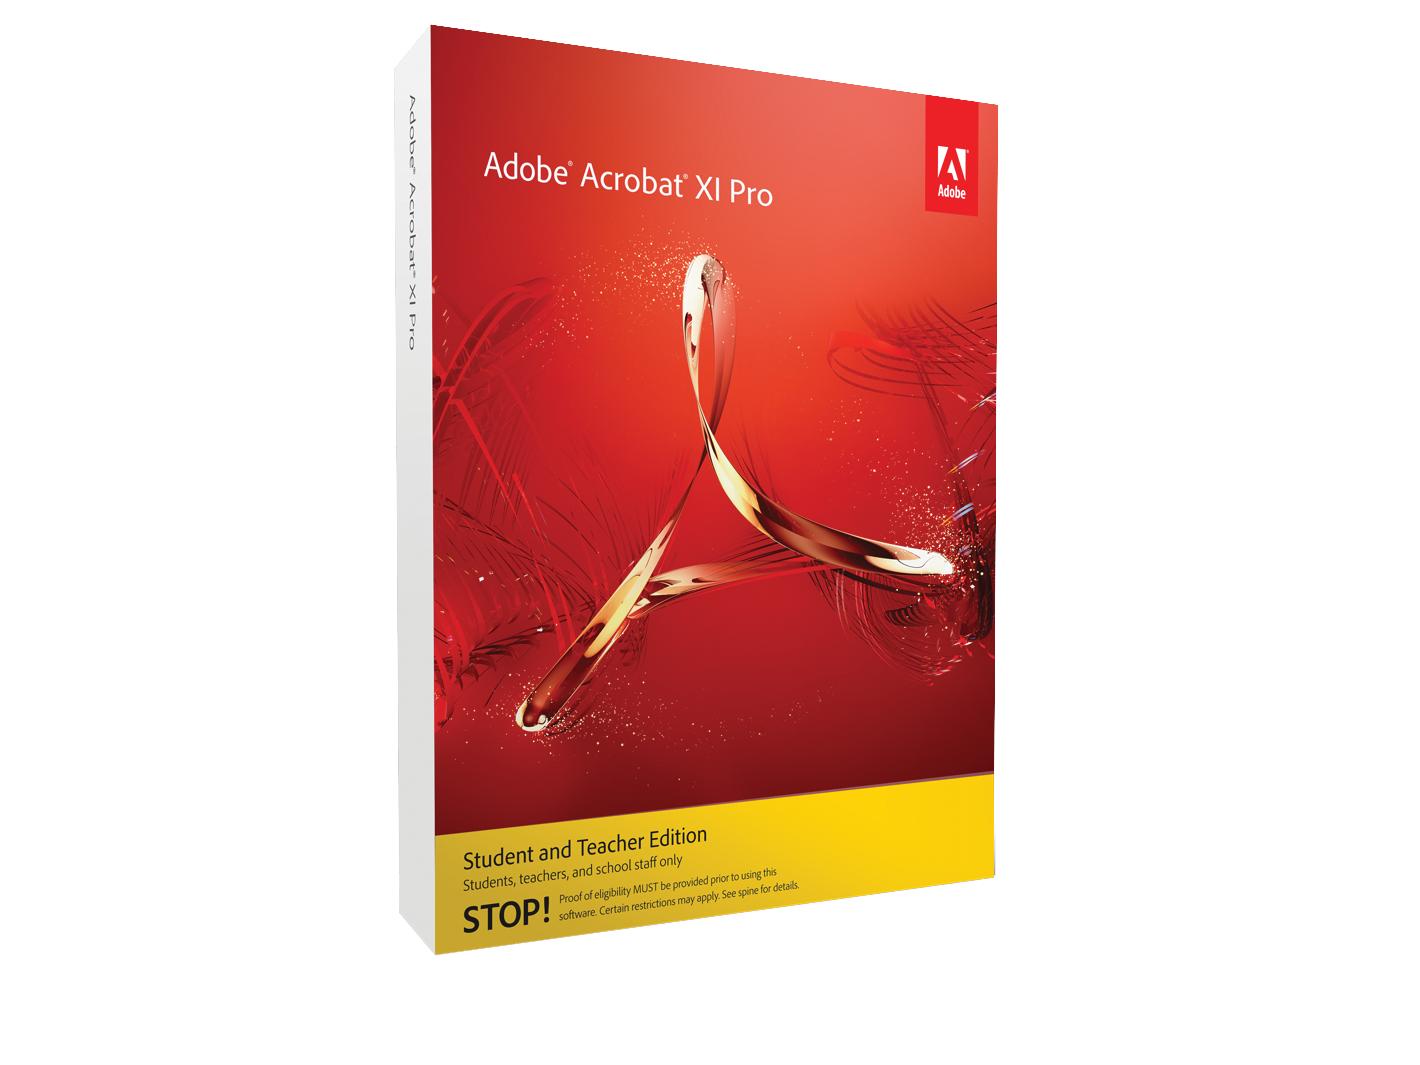 A Adobe anuncia o Acrobat XI com funcionalidades para tablet, além de serviços de cloud